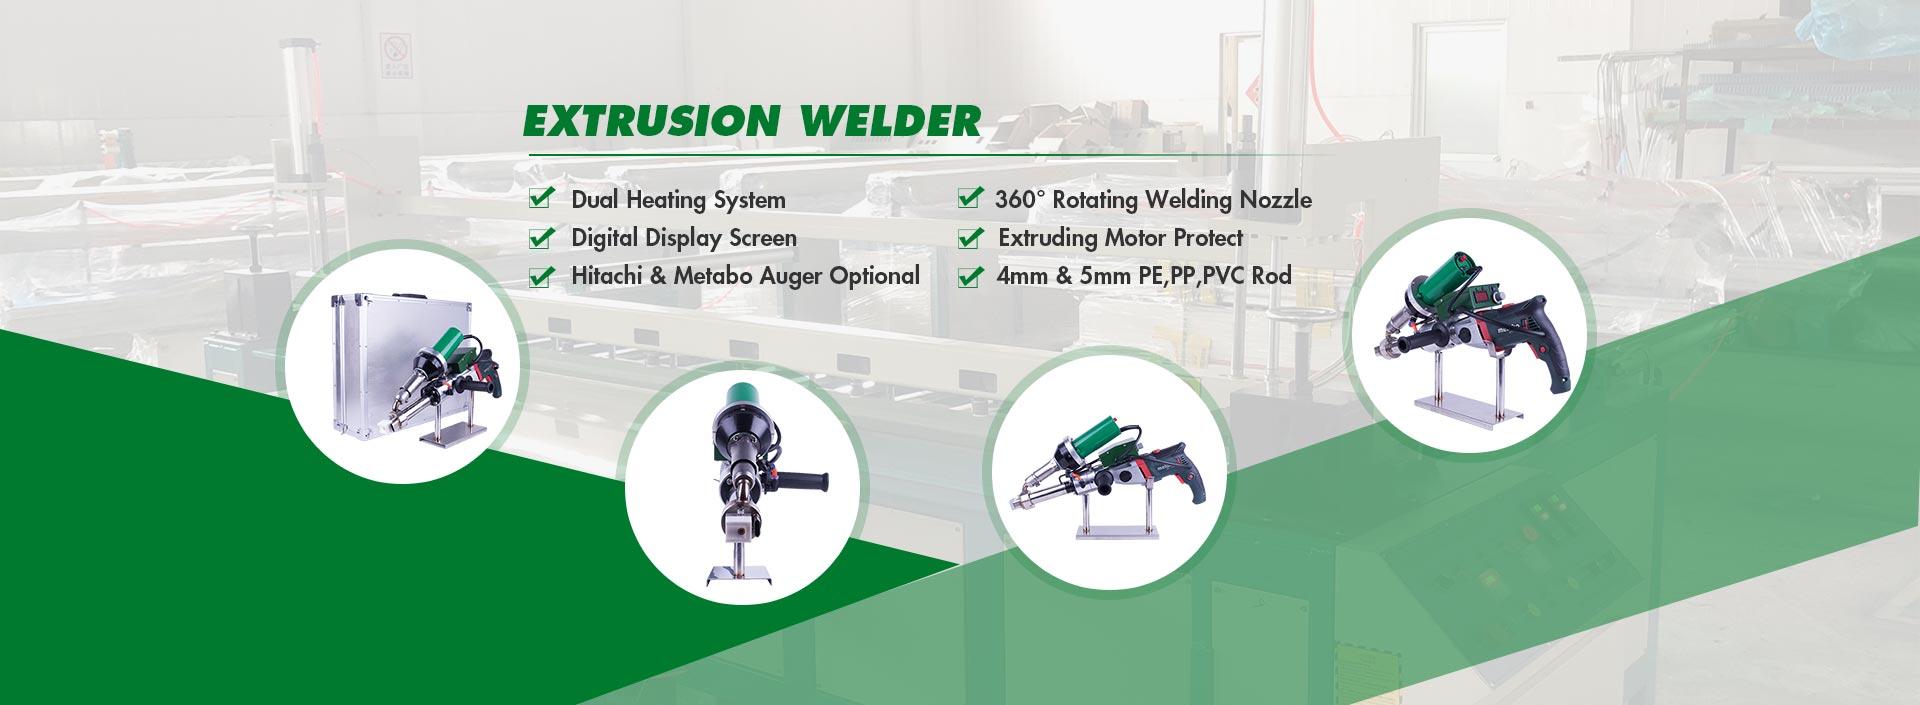 Extrusion Welder